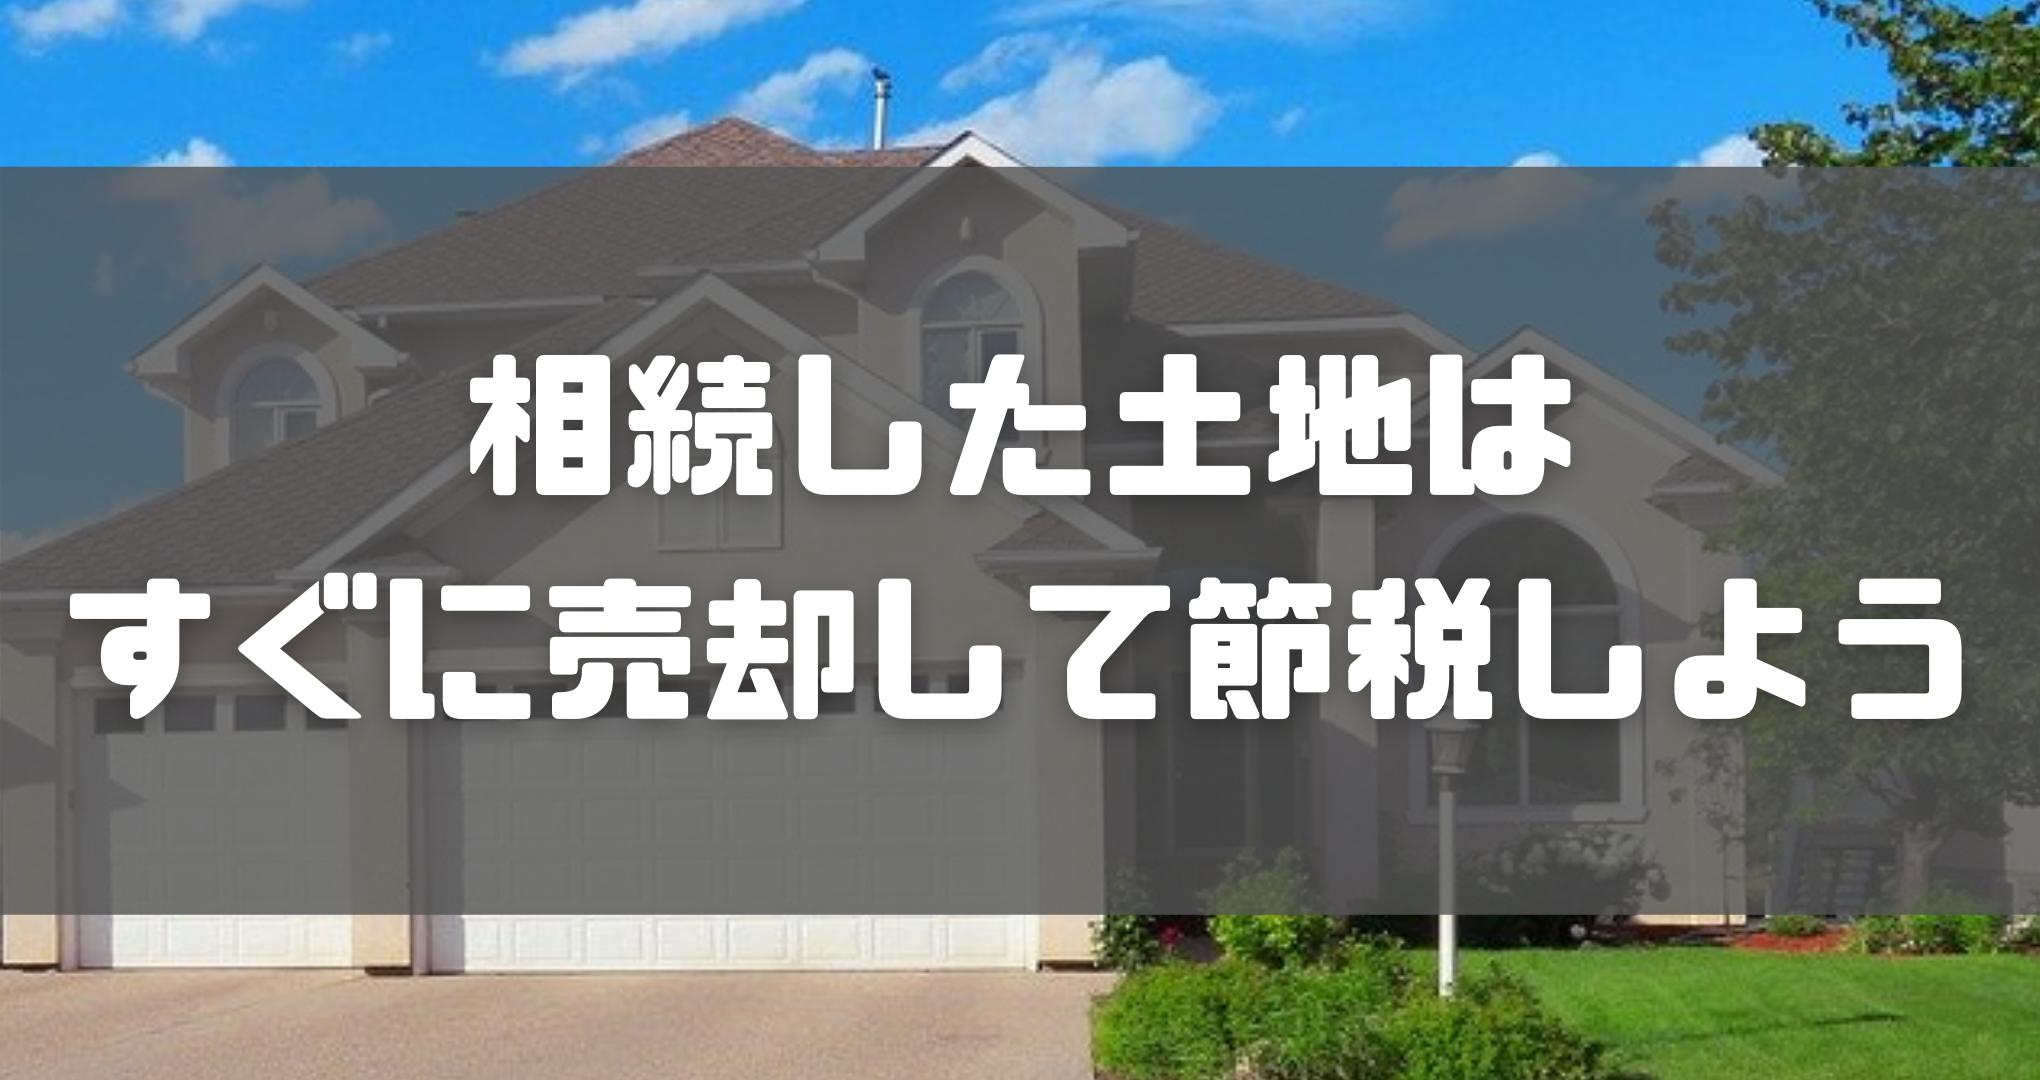 相続_土地_売却_税金_まとめ